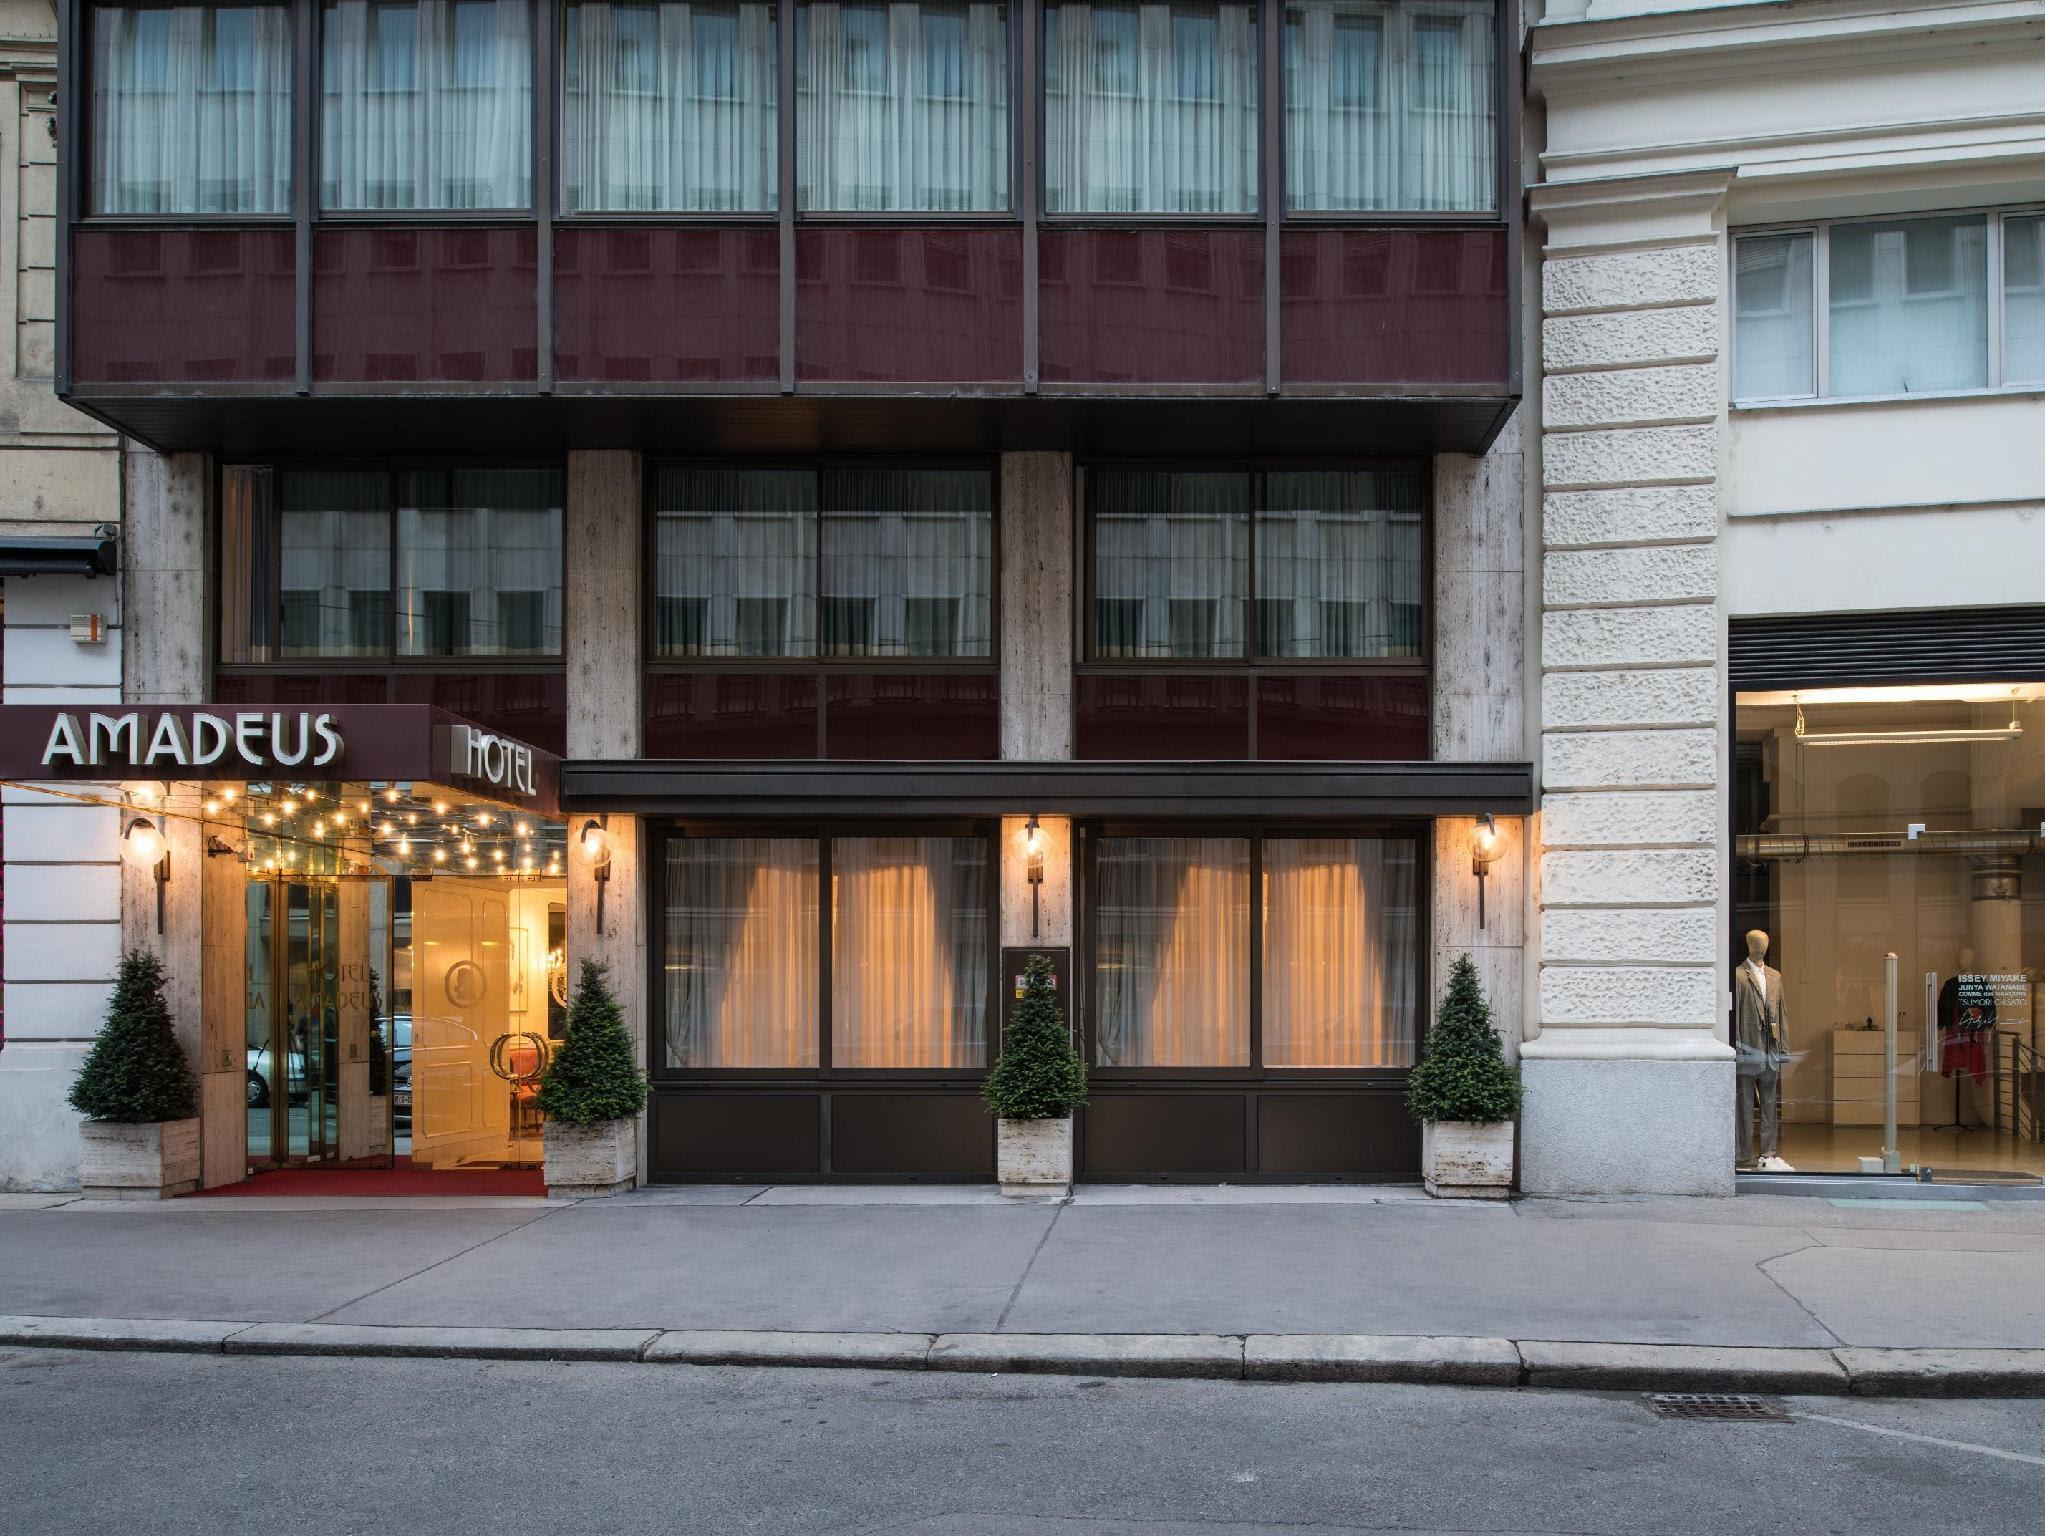 Price Hotel Amadeus